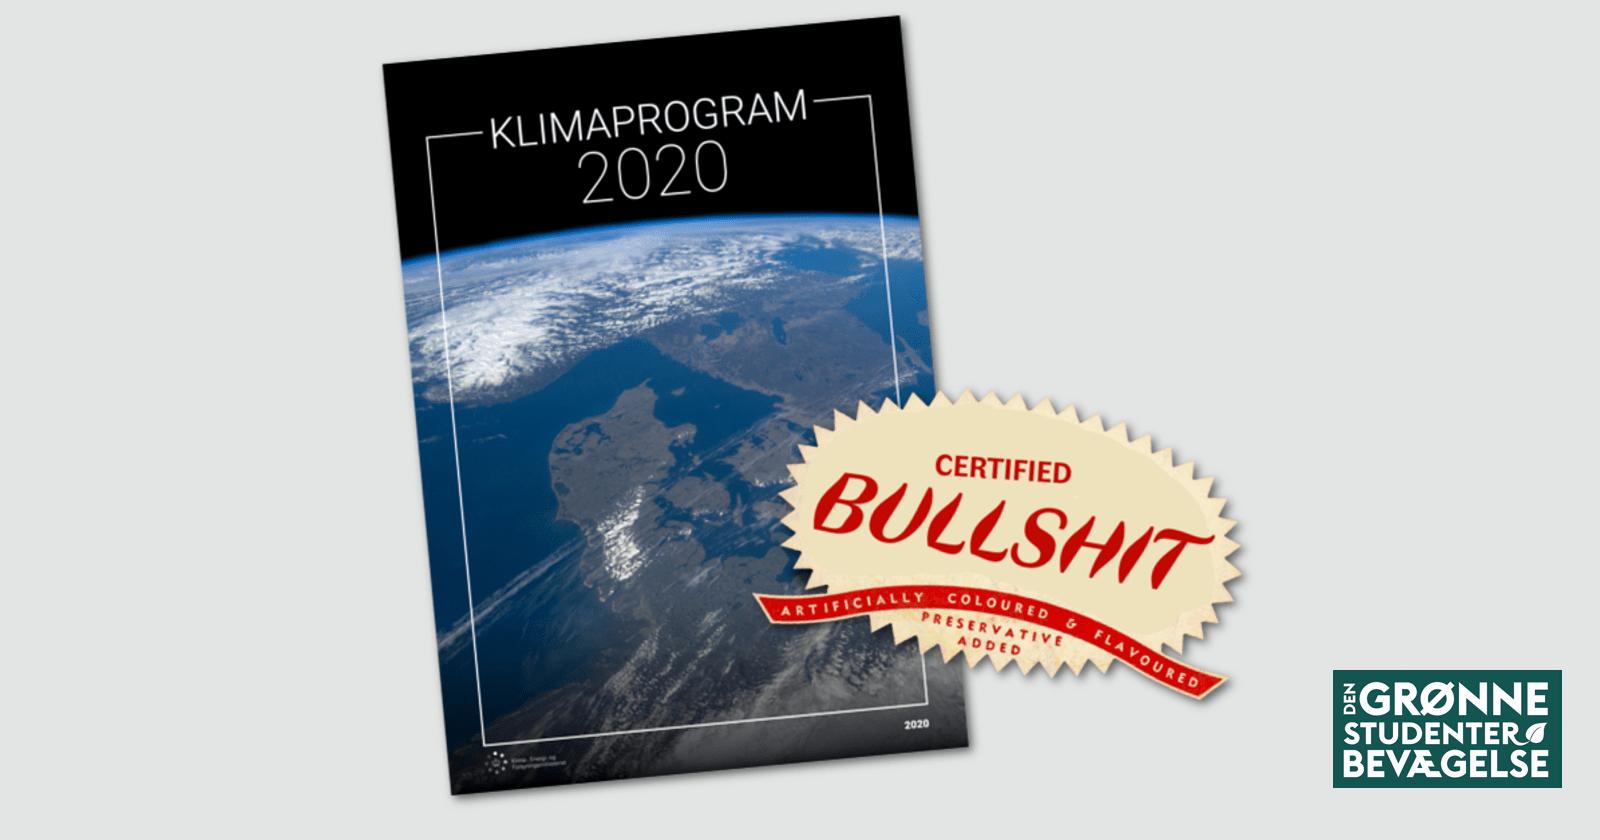 Klimaprogrammet 2020 - klimalovbrud ved højlys dag